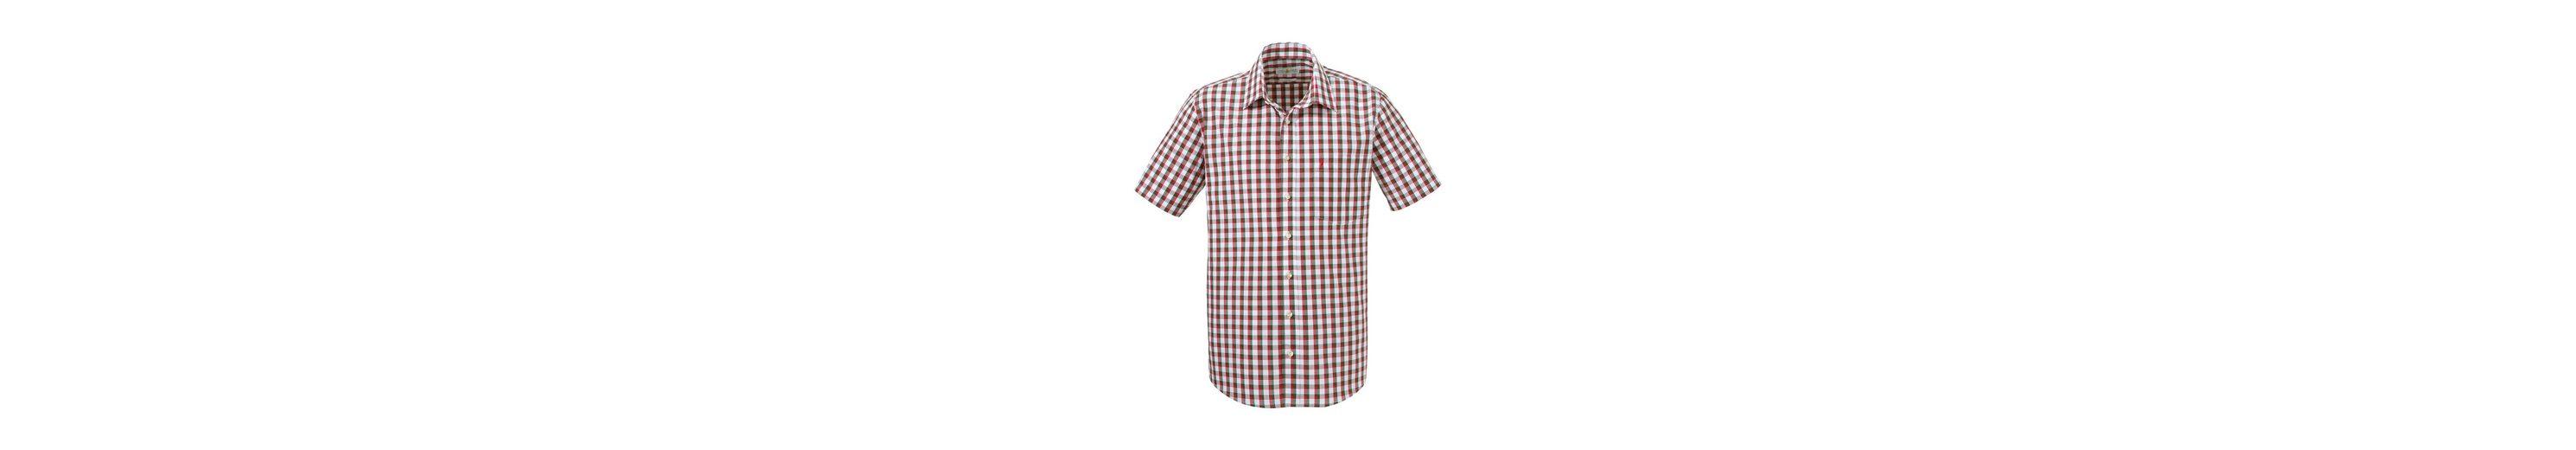 Almsach Trachtenhemd kariert in frischer Farbkombination